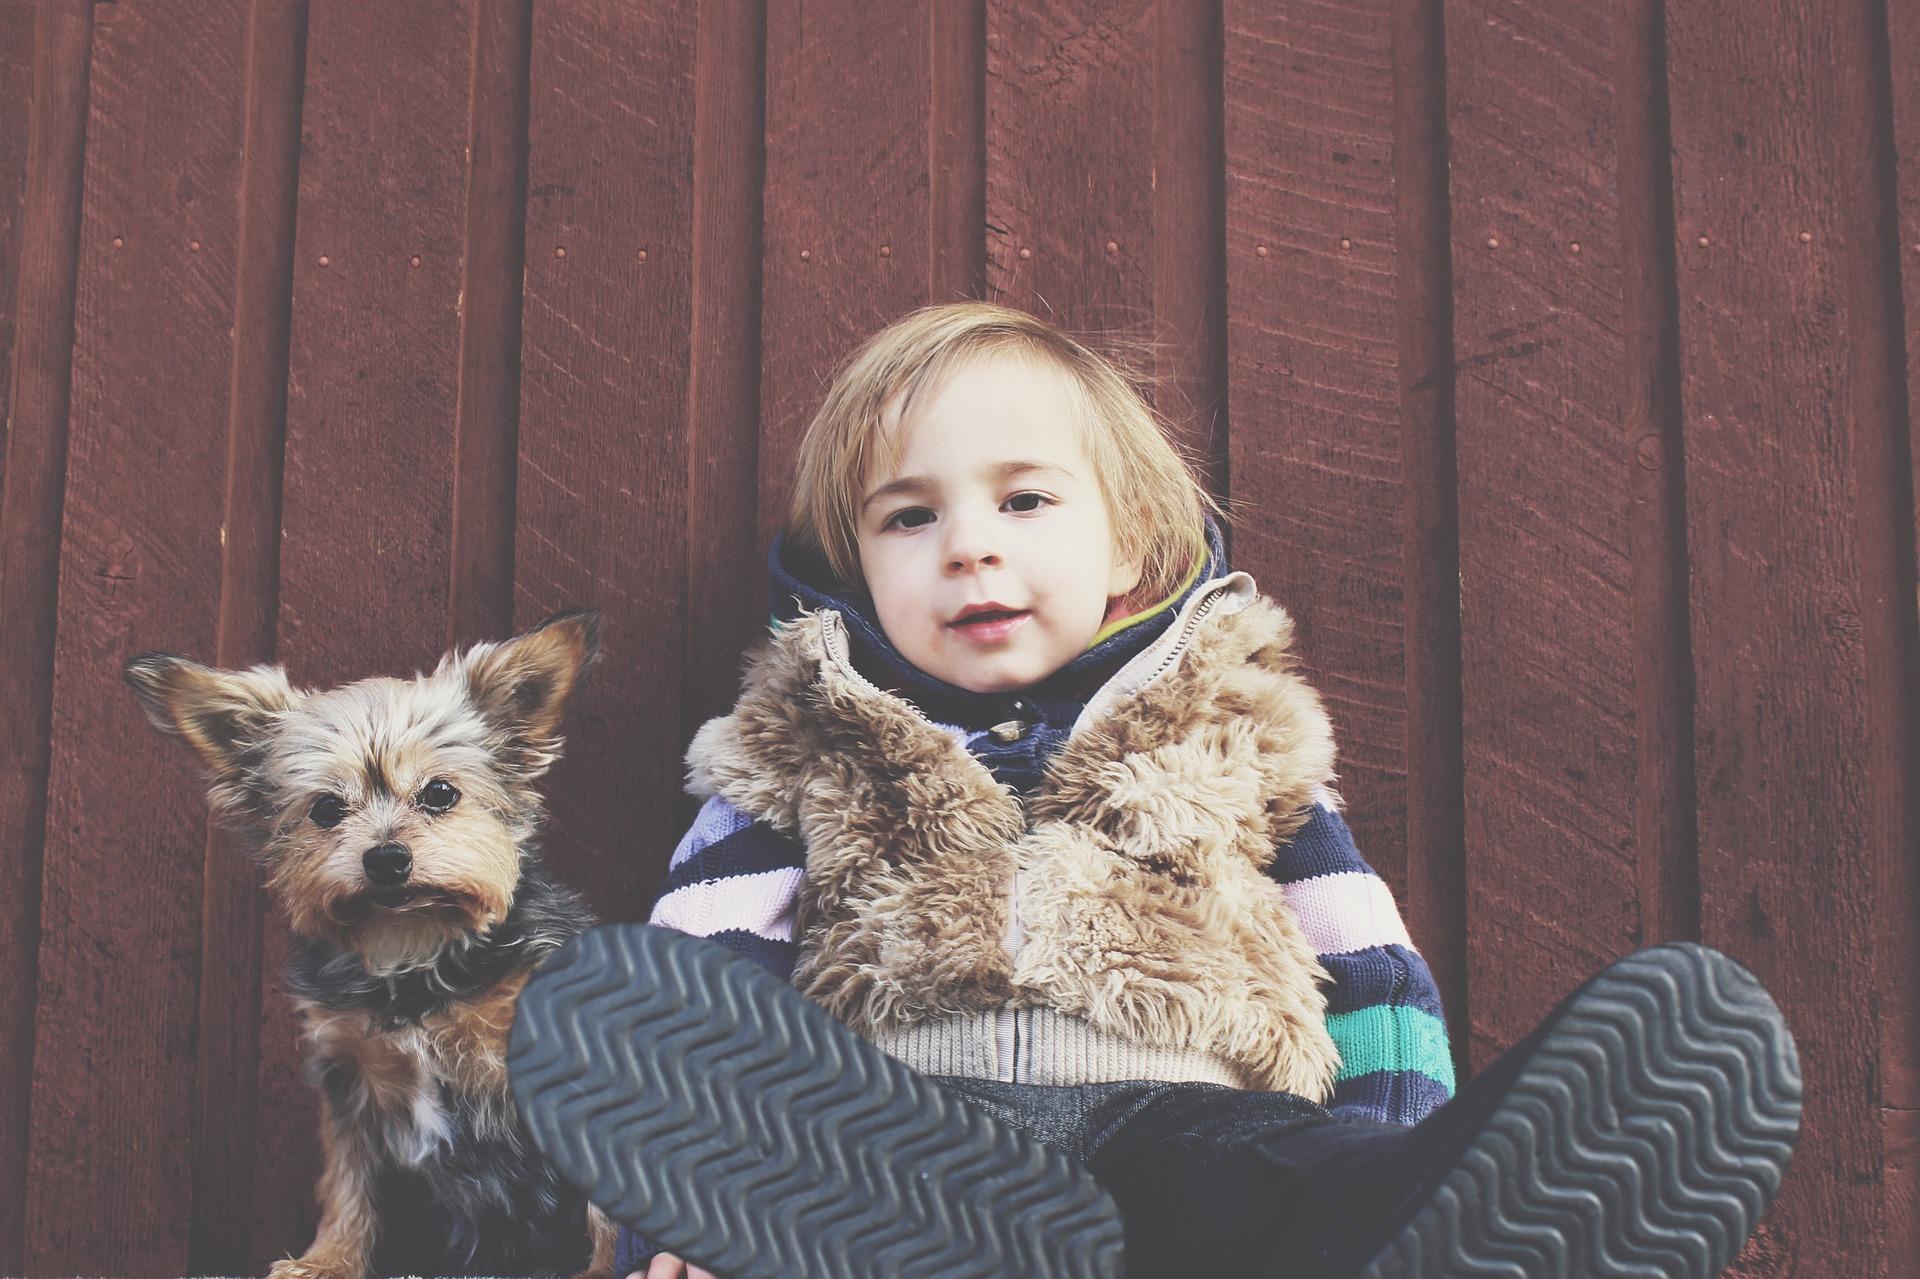 L'amicizia fra cani e bambini, raccontata in 10 fotografie